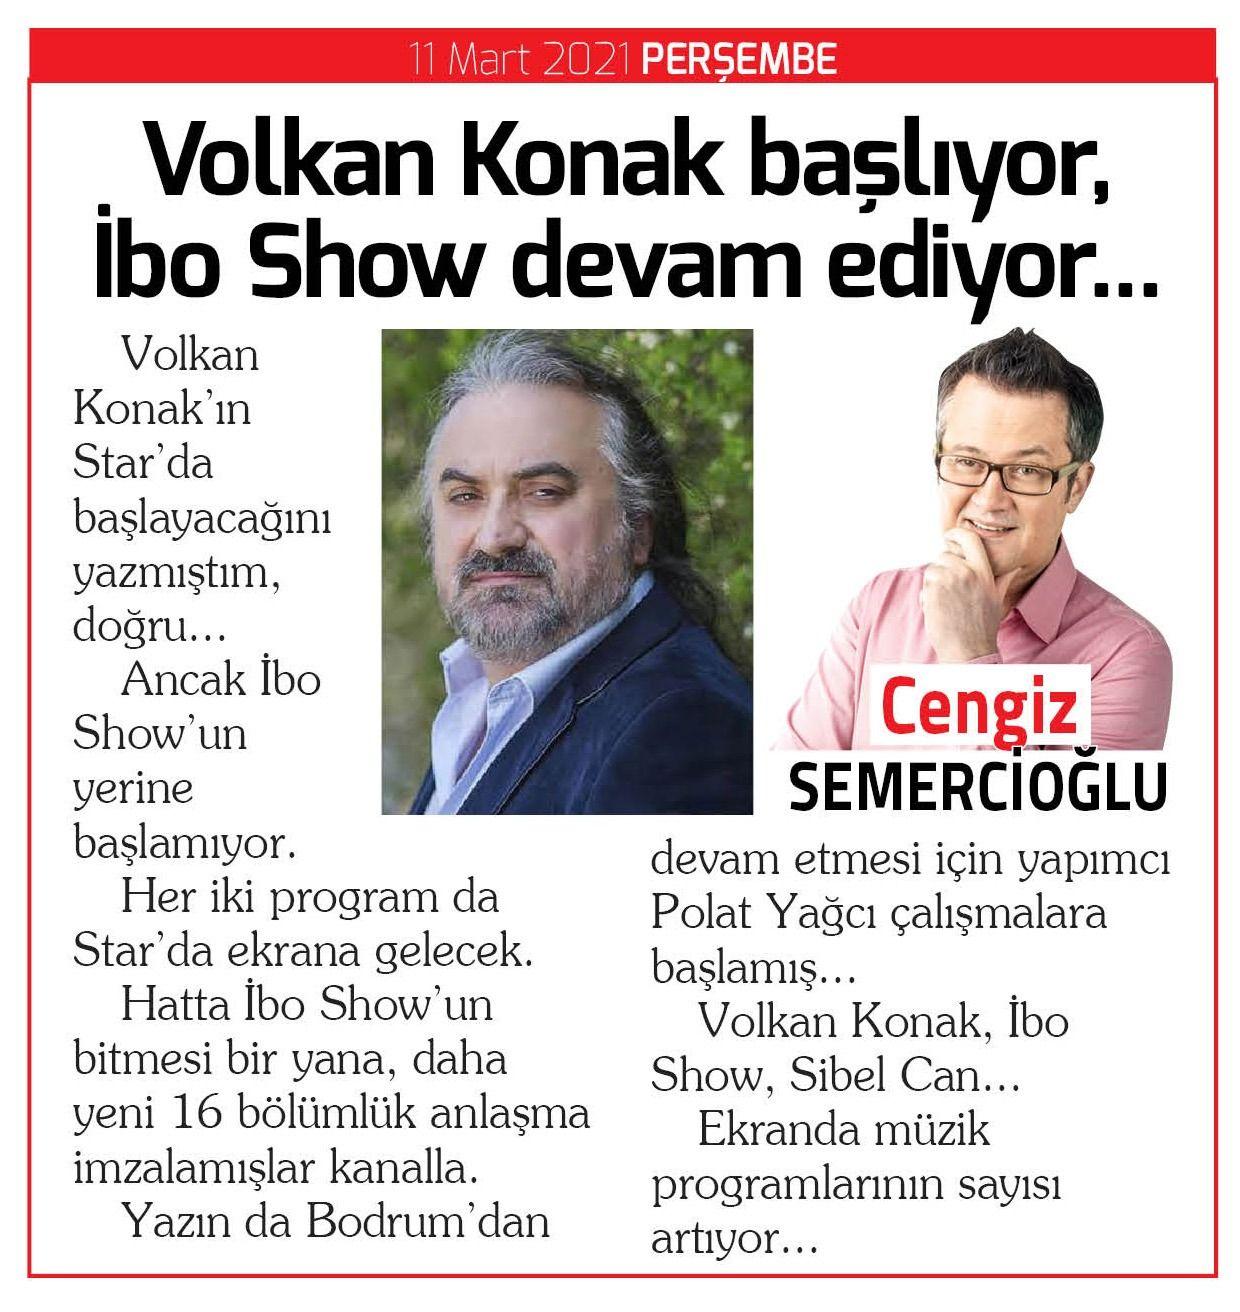 Star TV'den yeni eğlence programı! Hangi ünlü şarkıcı sunacak? - Sayfa:3